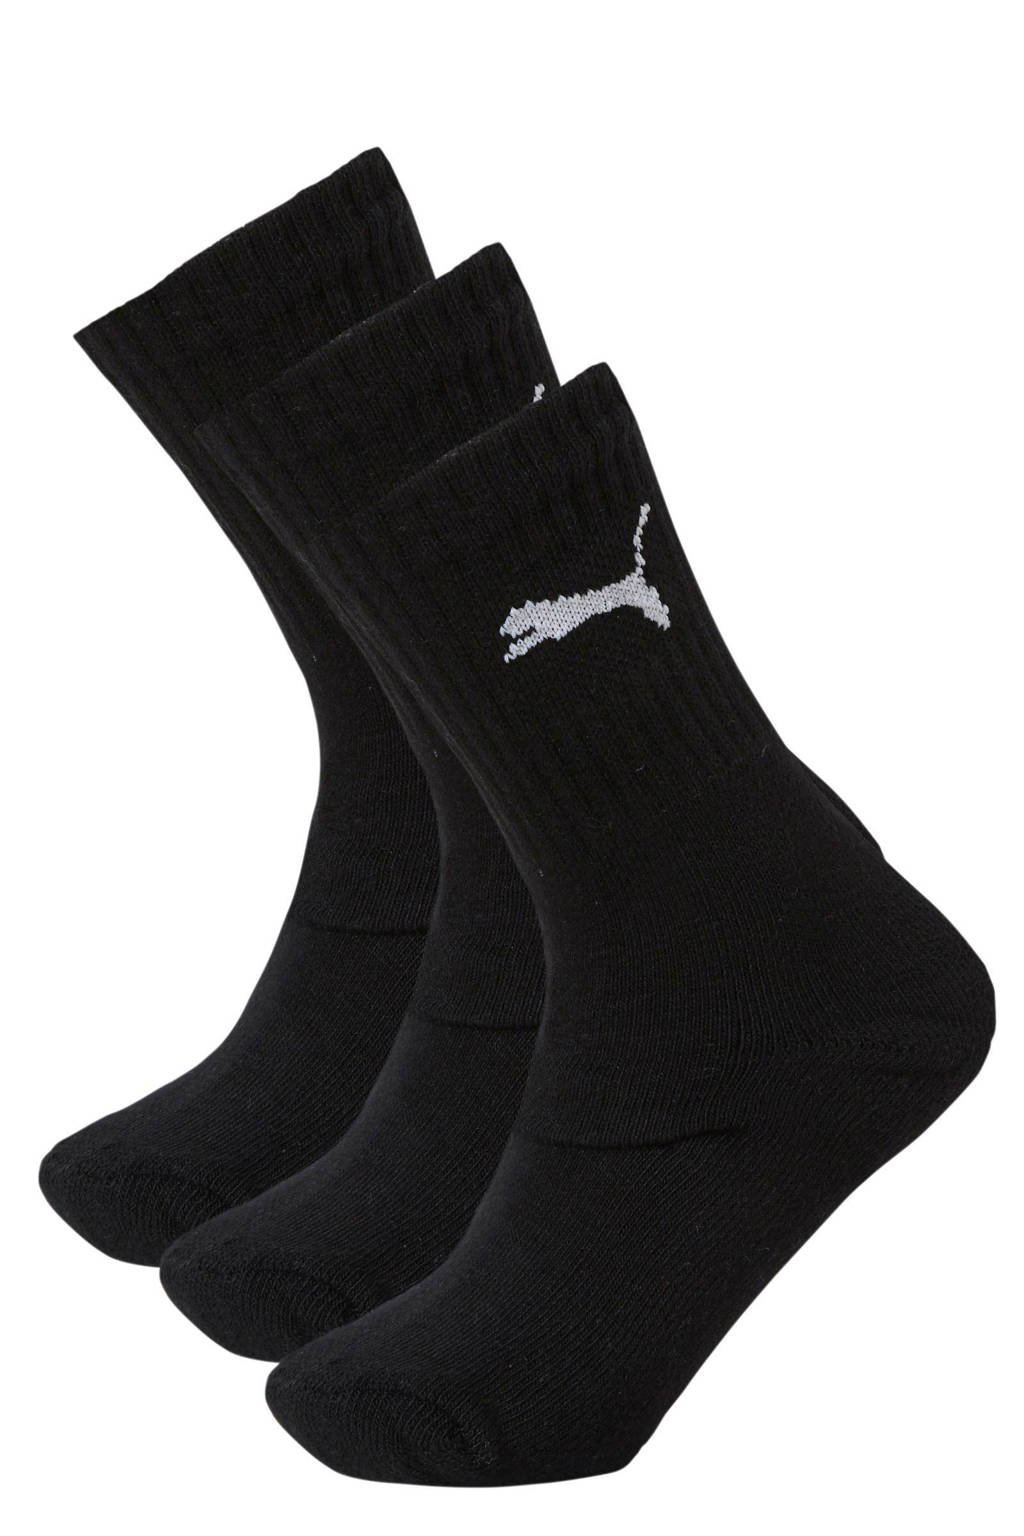 Puma   sokken - set van 3 zwart, Zwart